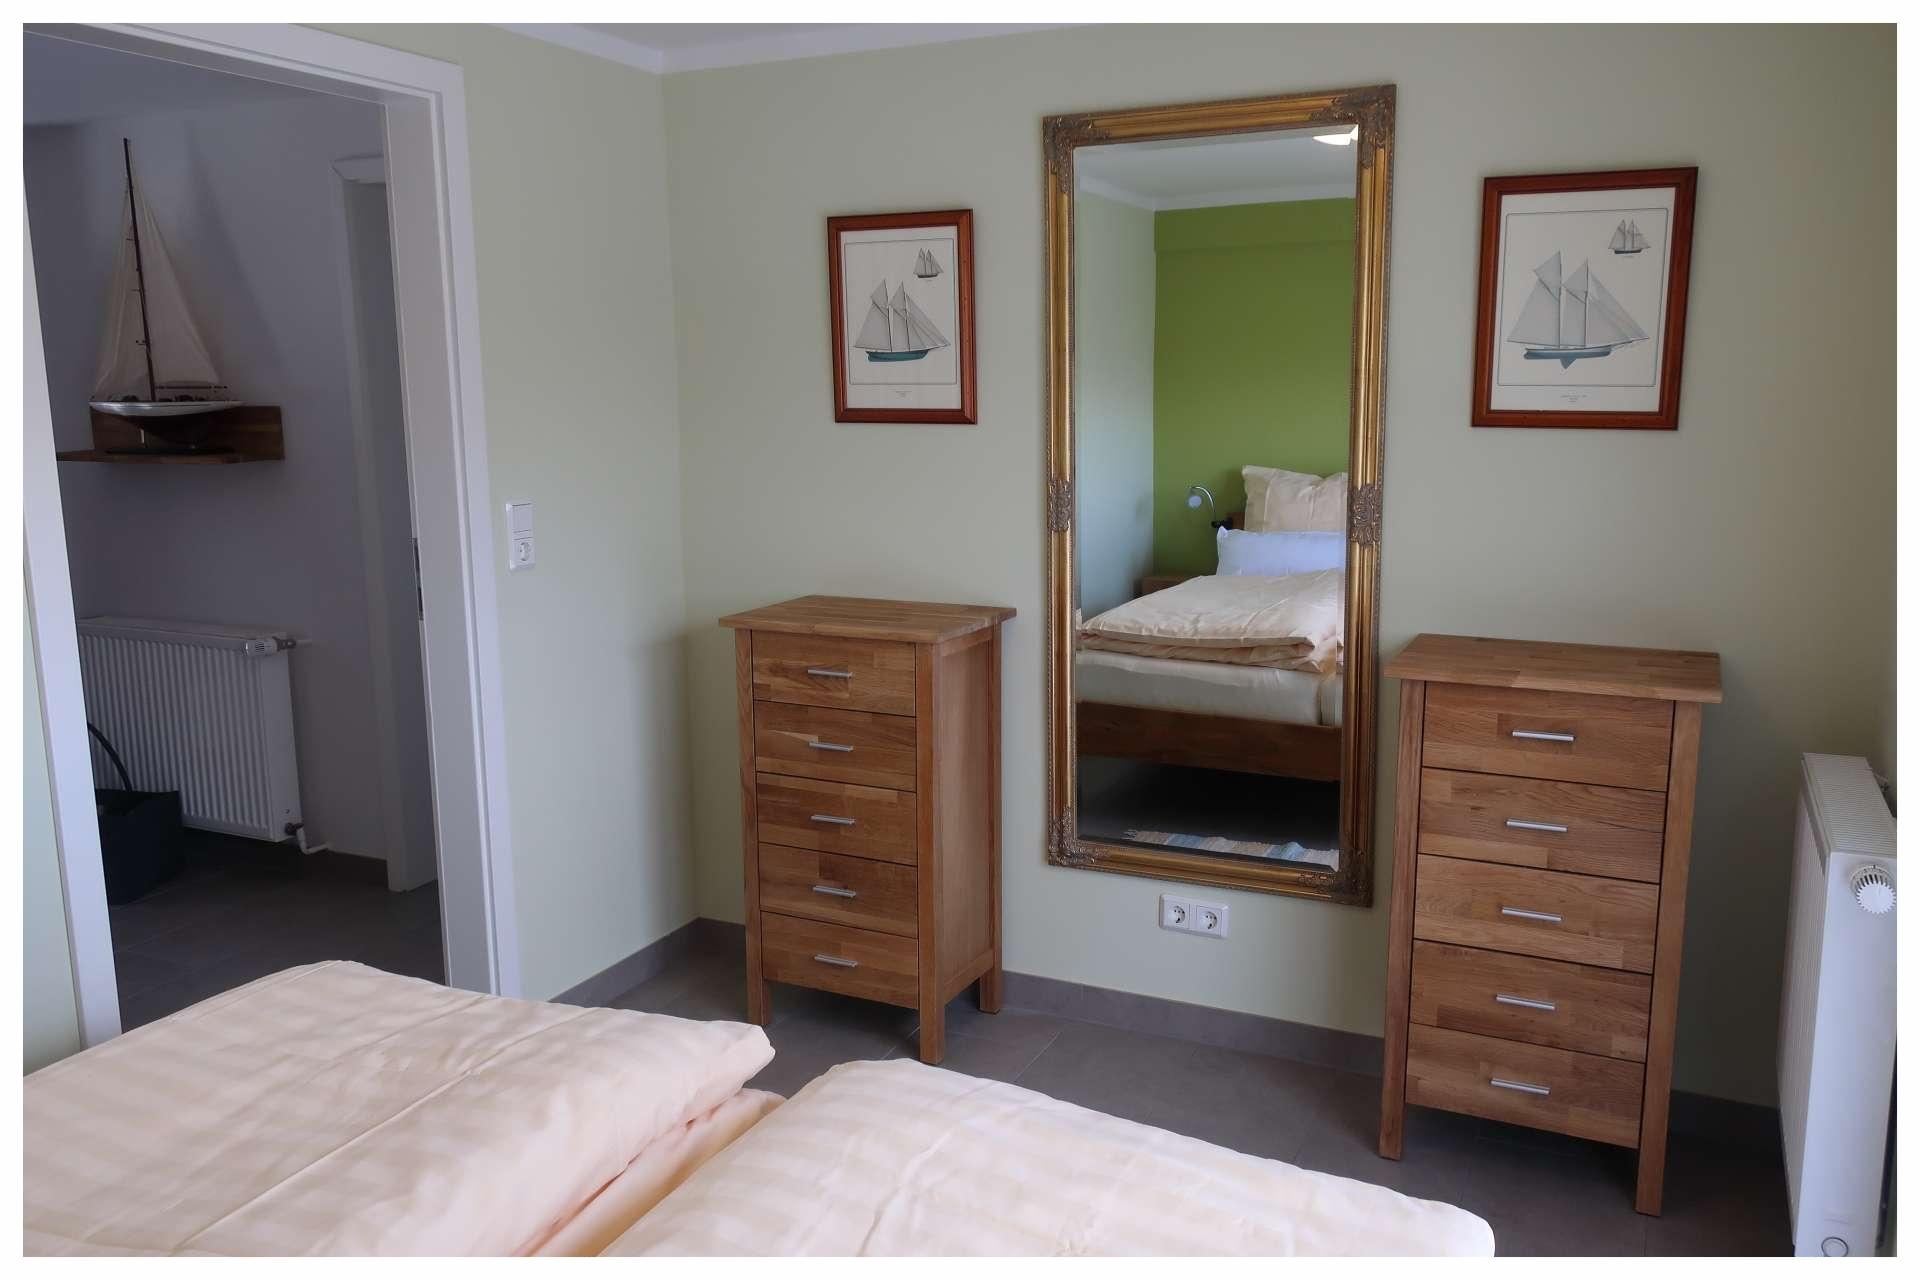 Doppelbett im Erdgeschoss